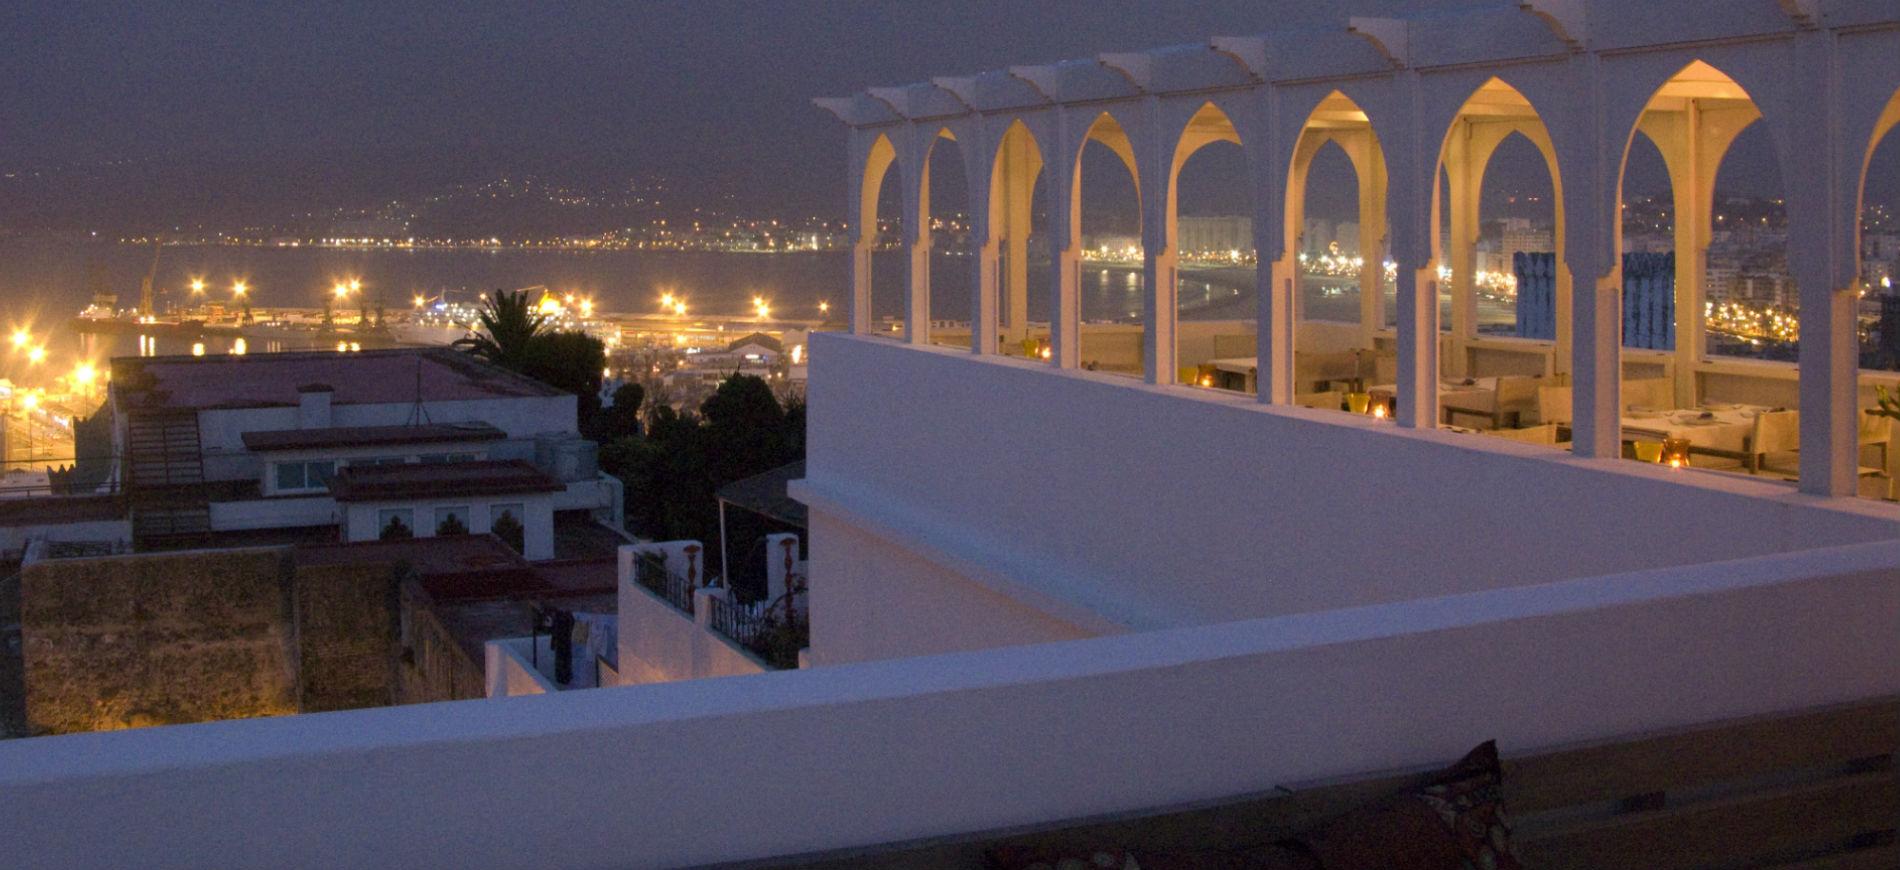 L'Hotel Nord-Pinus Tanger: panorama notturno sulla città di Tangeri, da una terrazza dell'hotel.